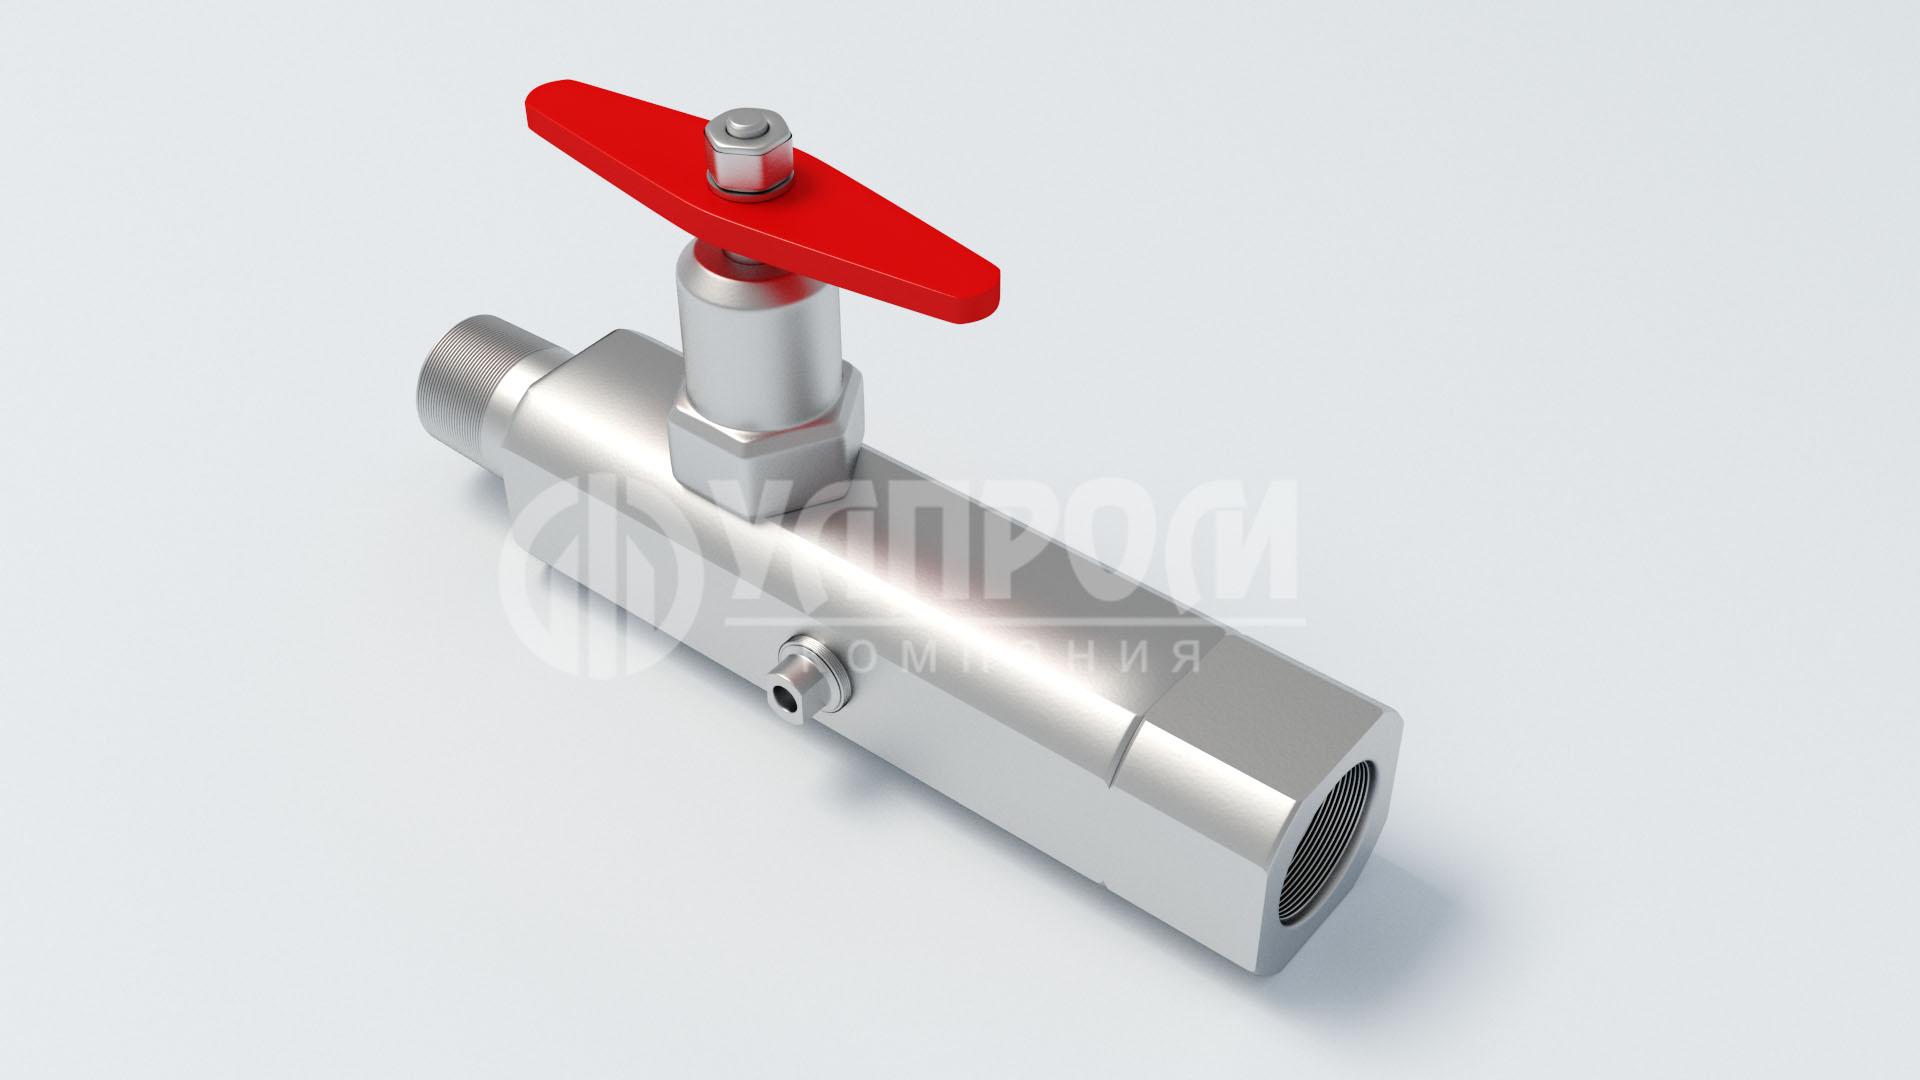 Вентиль с разделителем оборудование для добычи нефтии газа